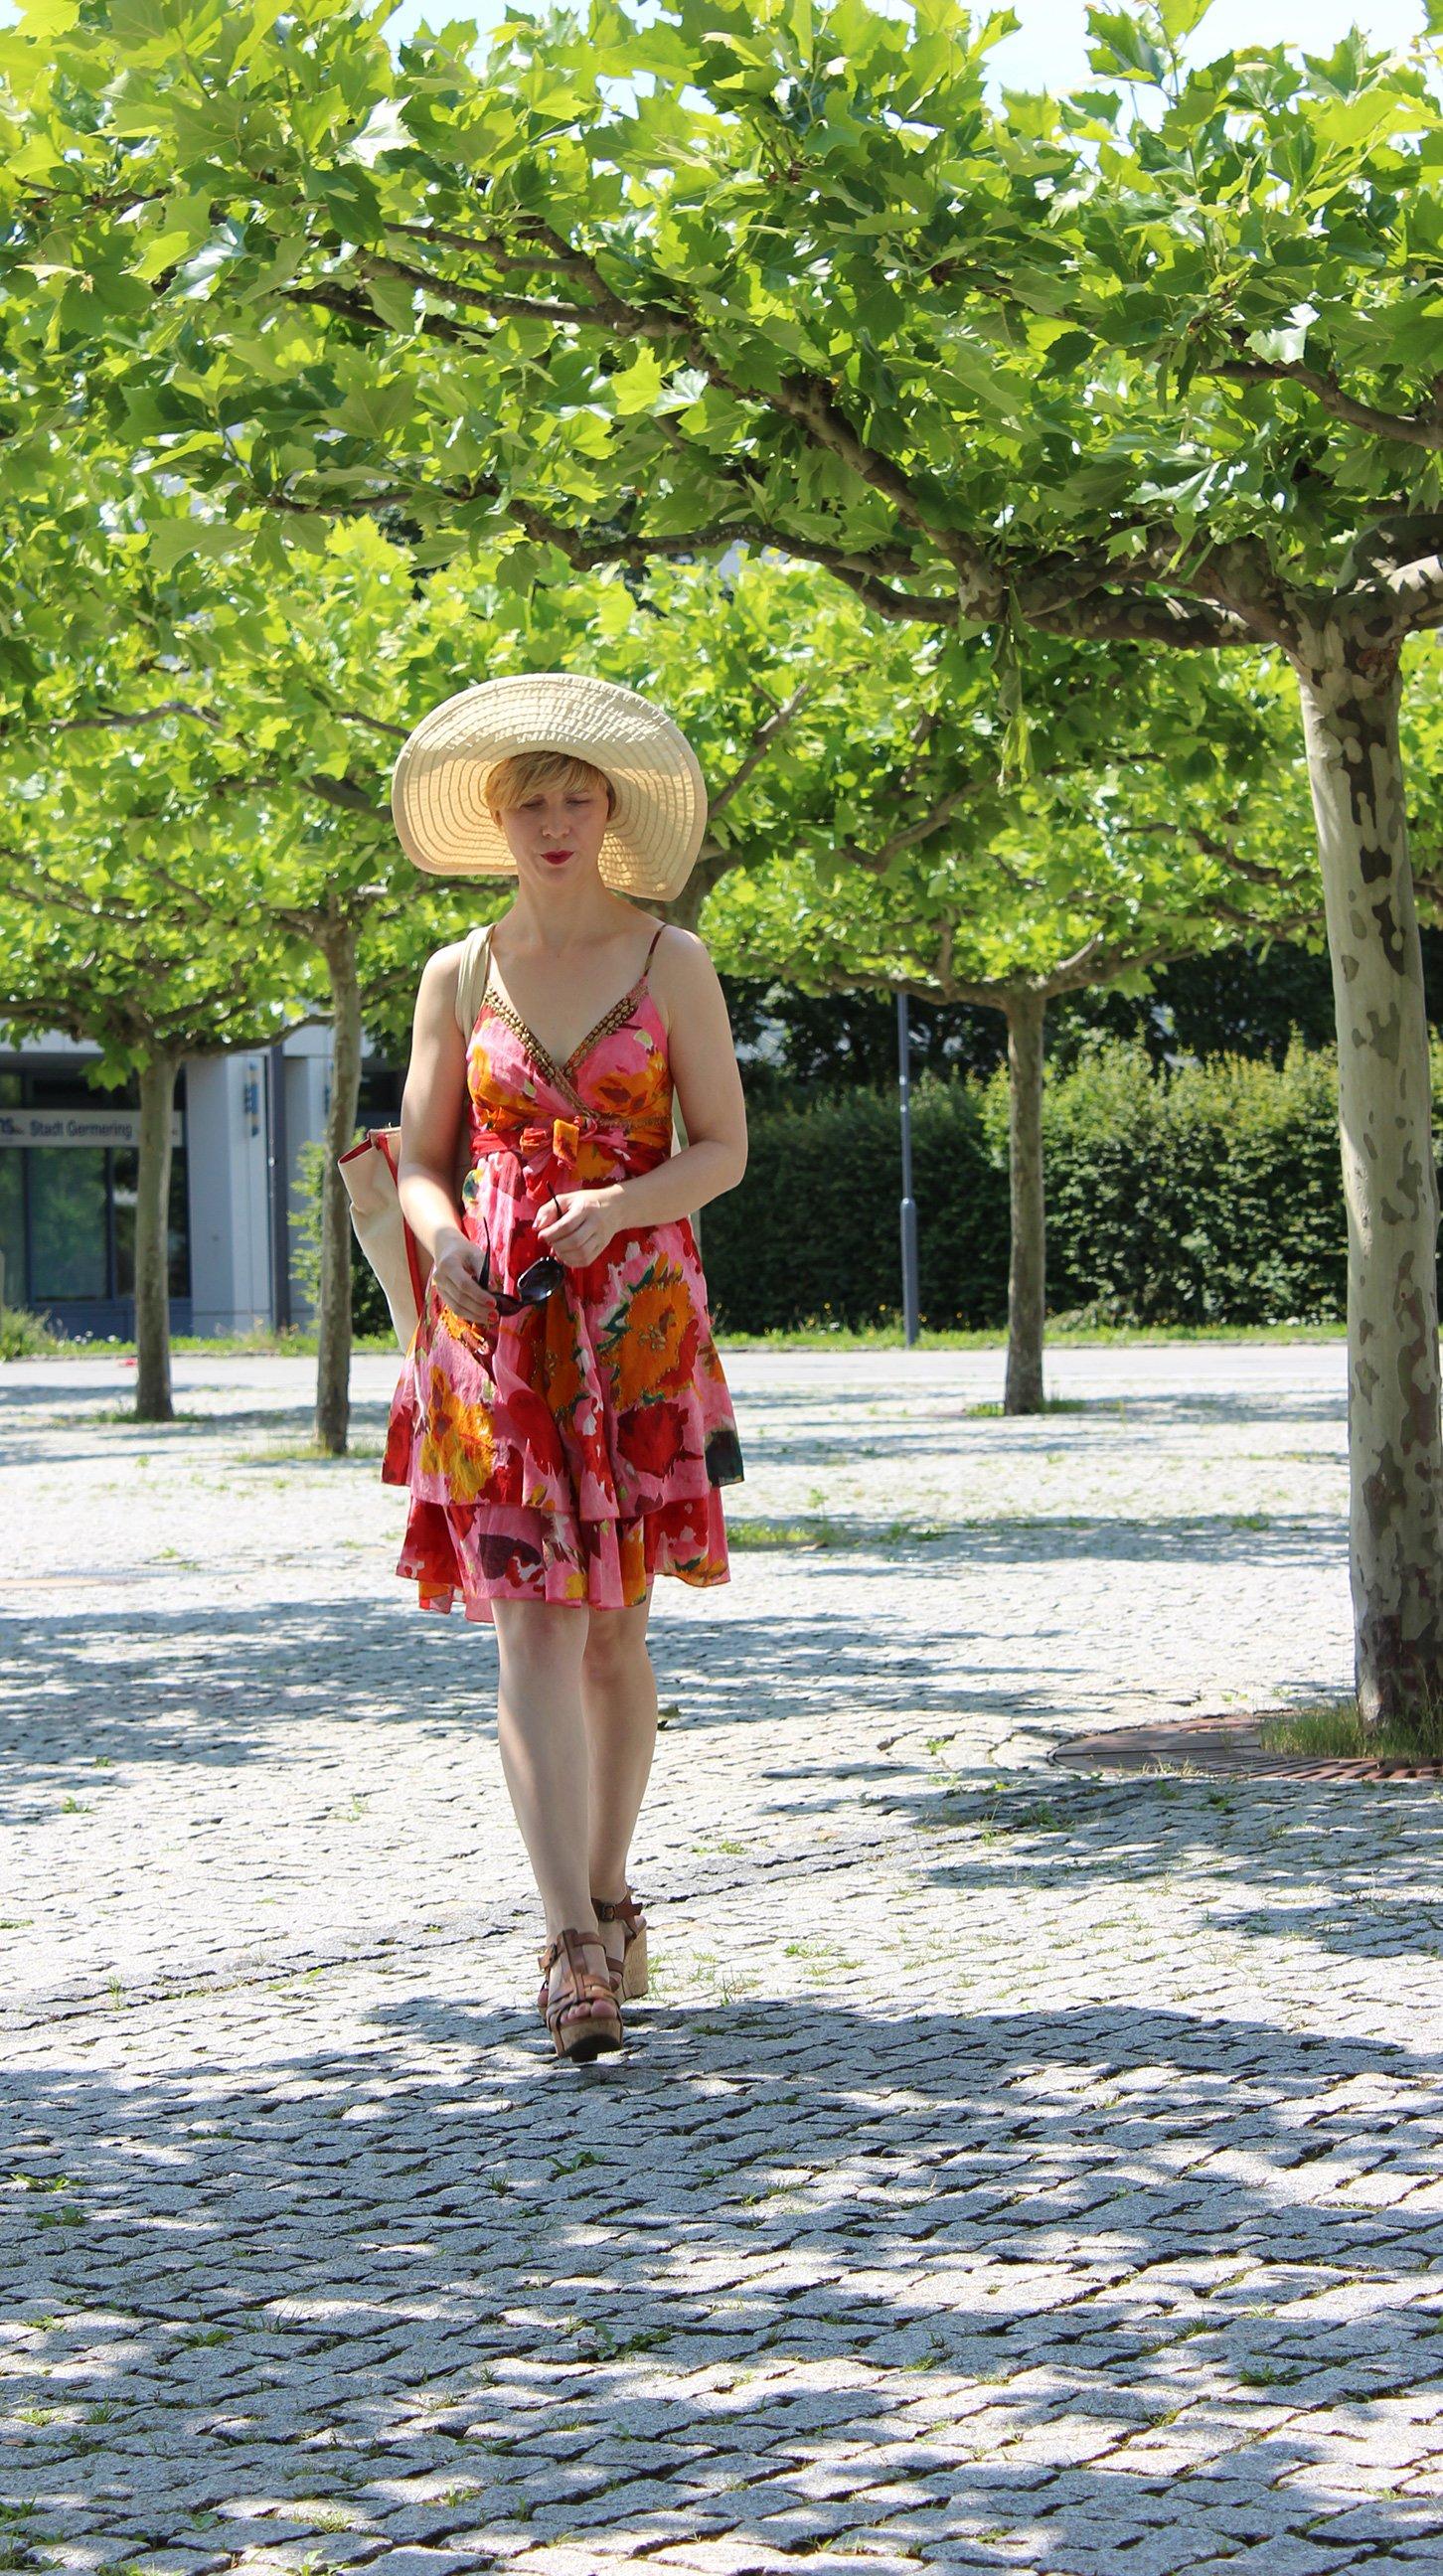 IMG_9651a_BenettonHat_PaulGreenShoes_Flowerdress